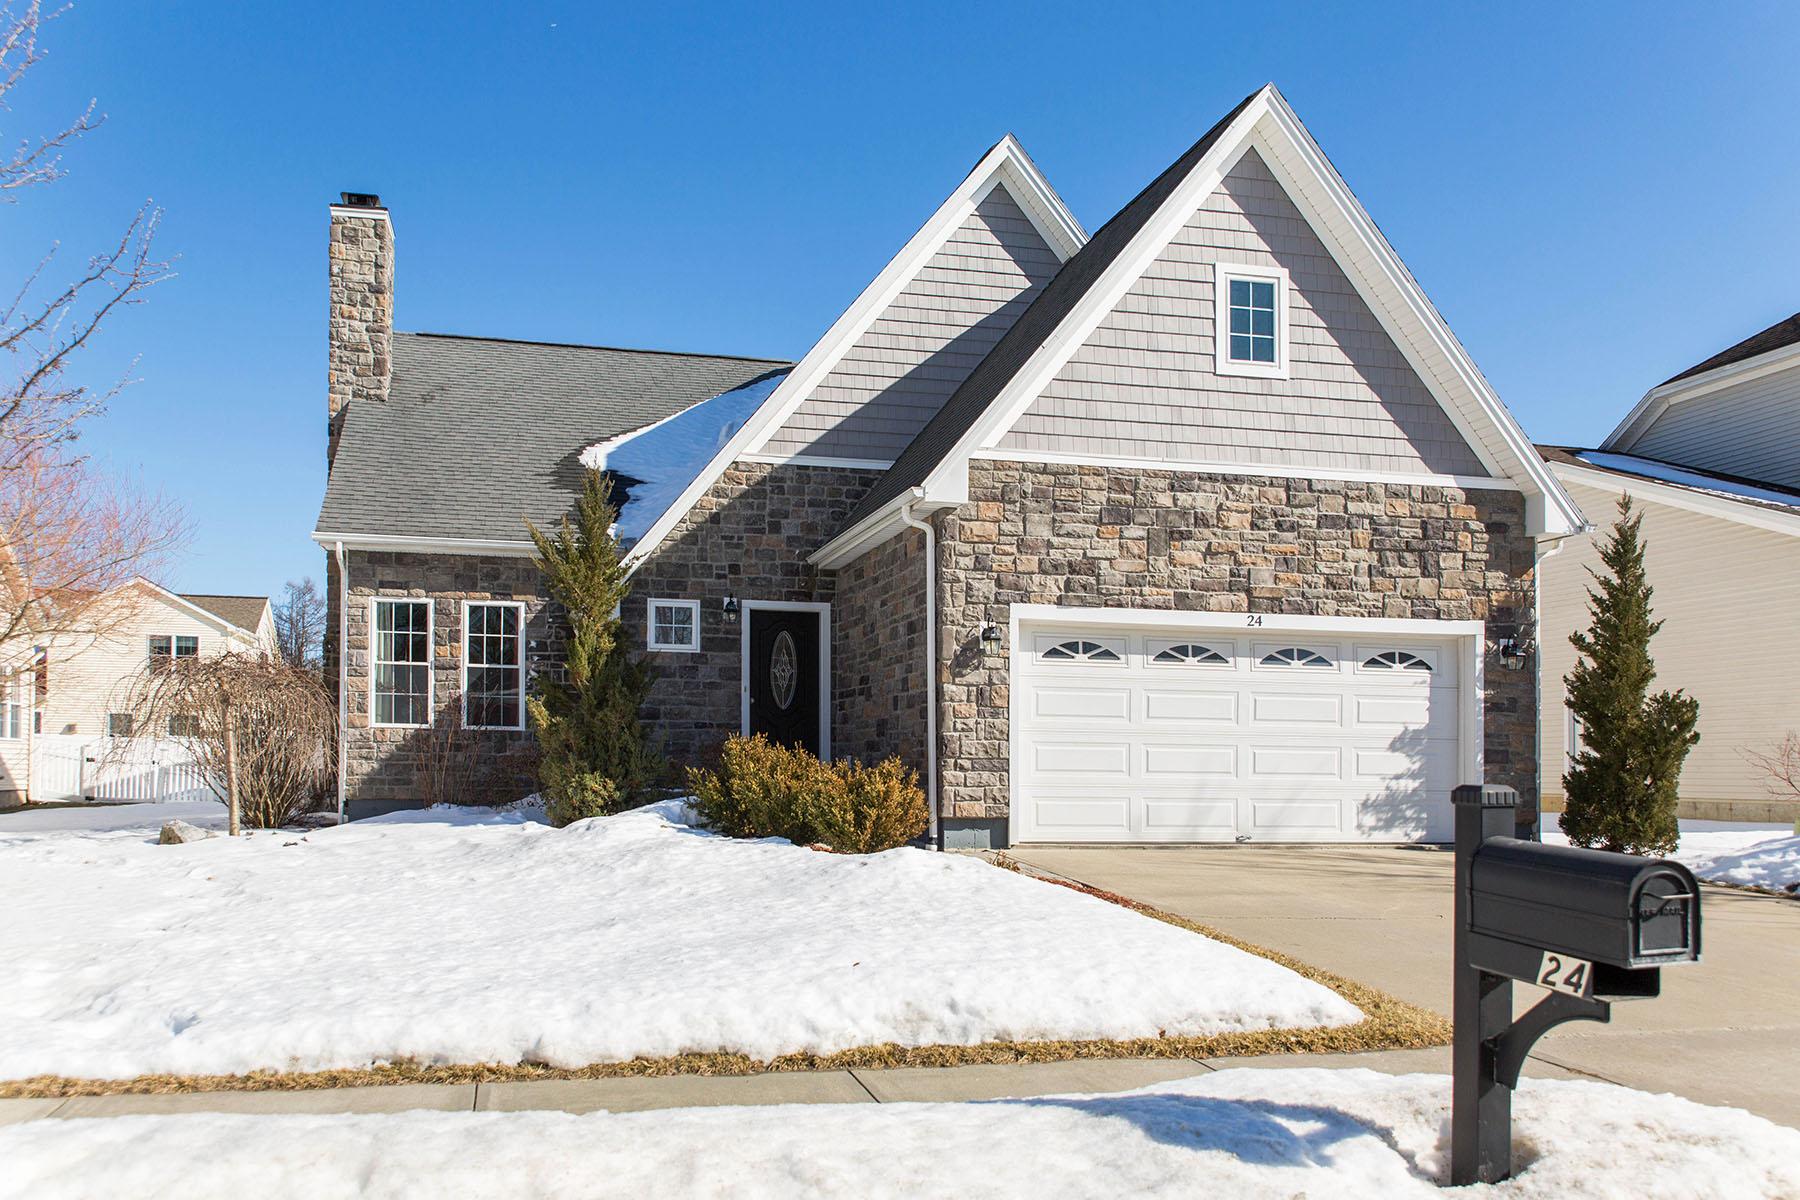 Maison unifamiliale pour l à louer à Saratoga Track Rental 24 Outlook Av Saratoga Springs, New York 12866 États-Unis